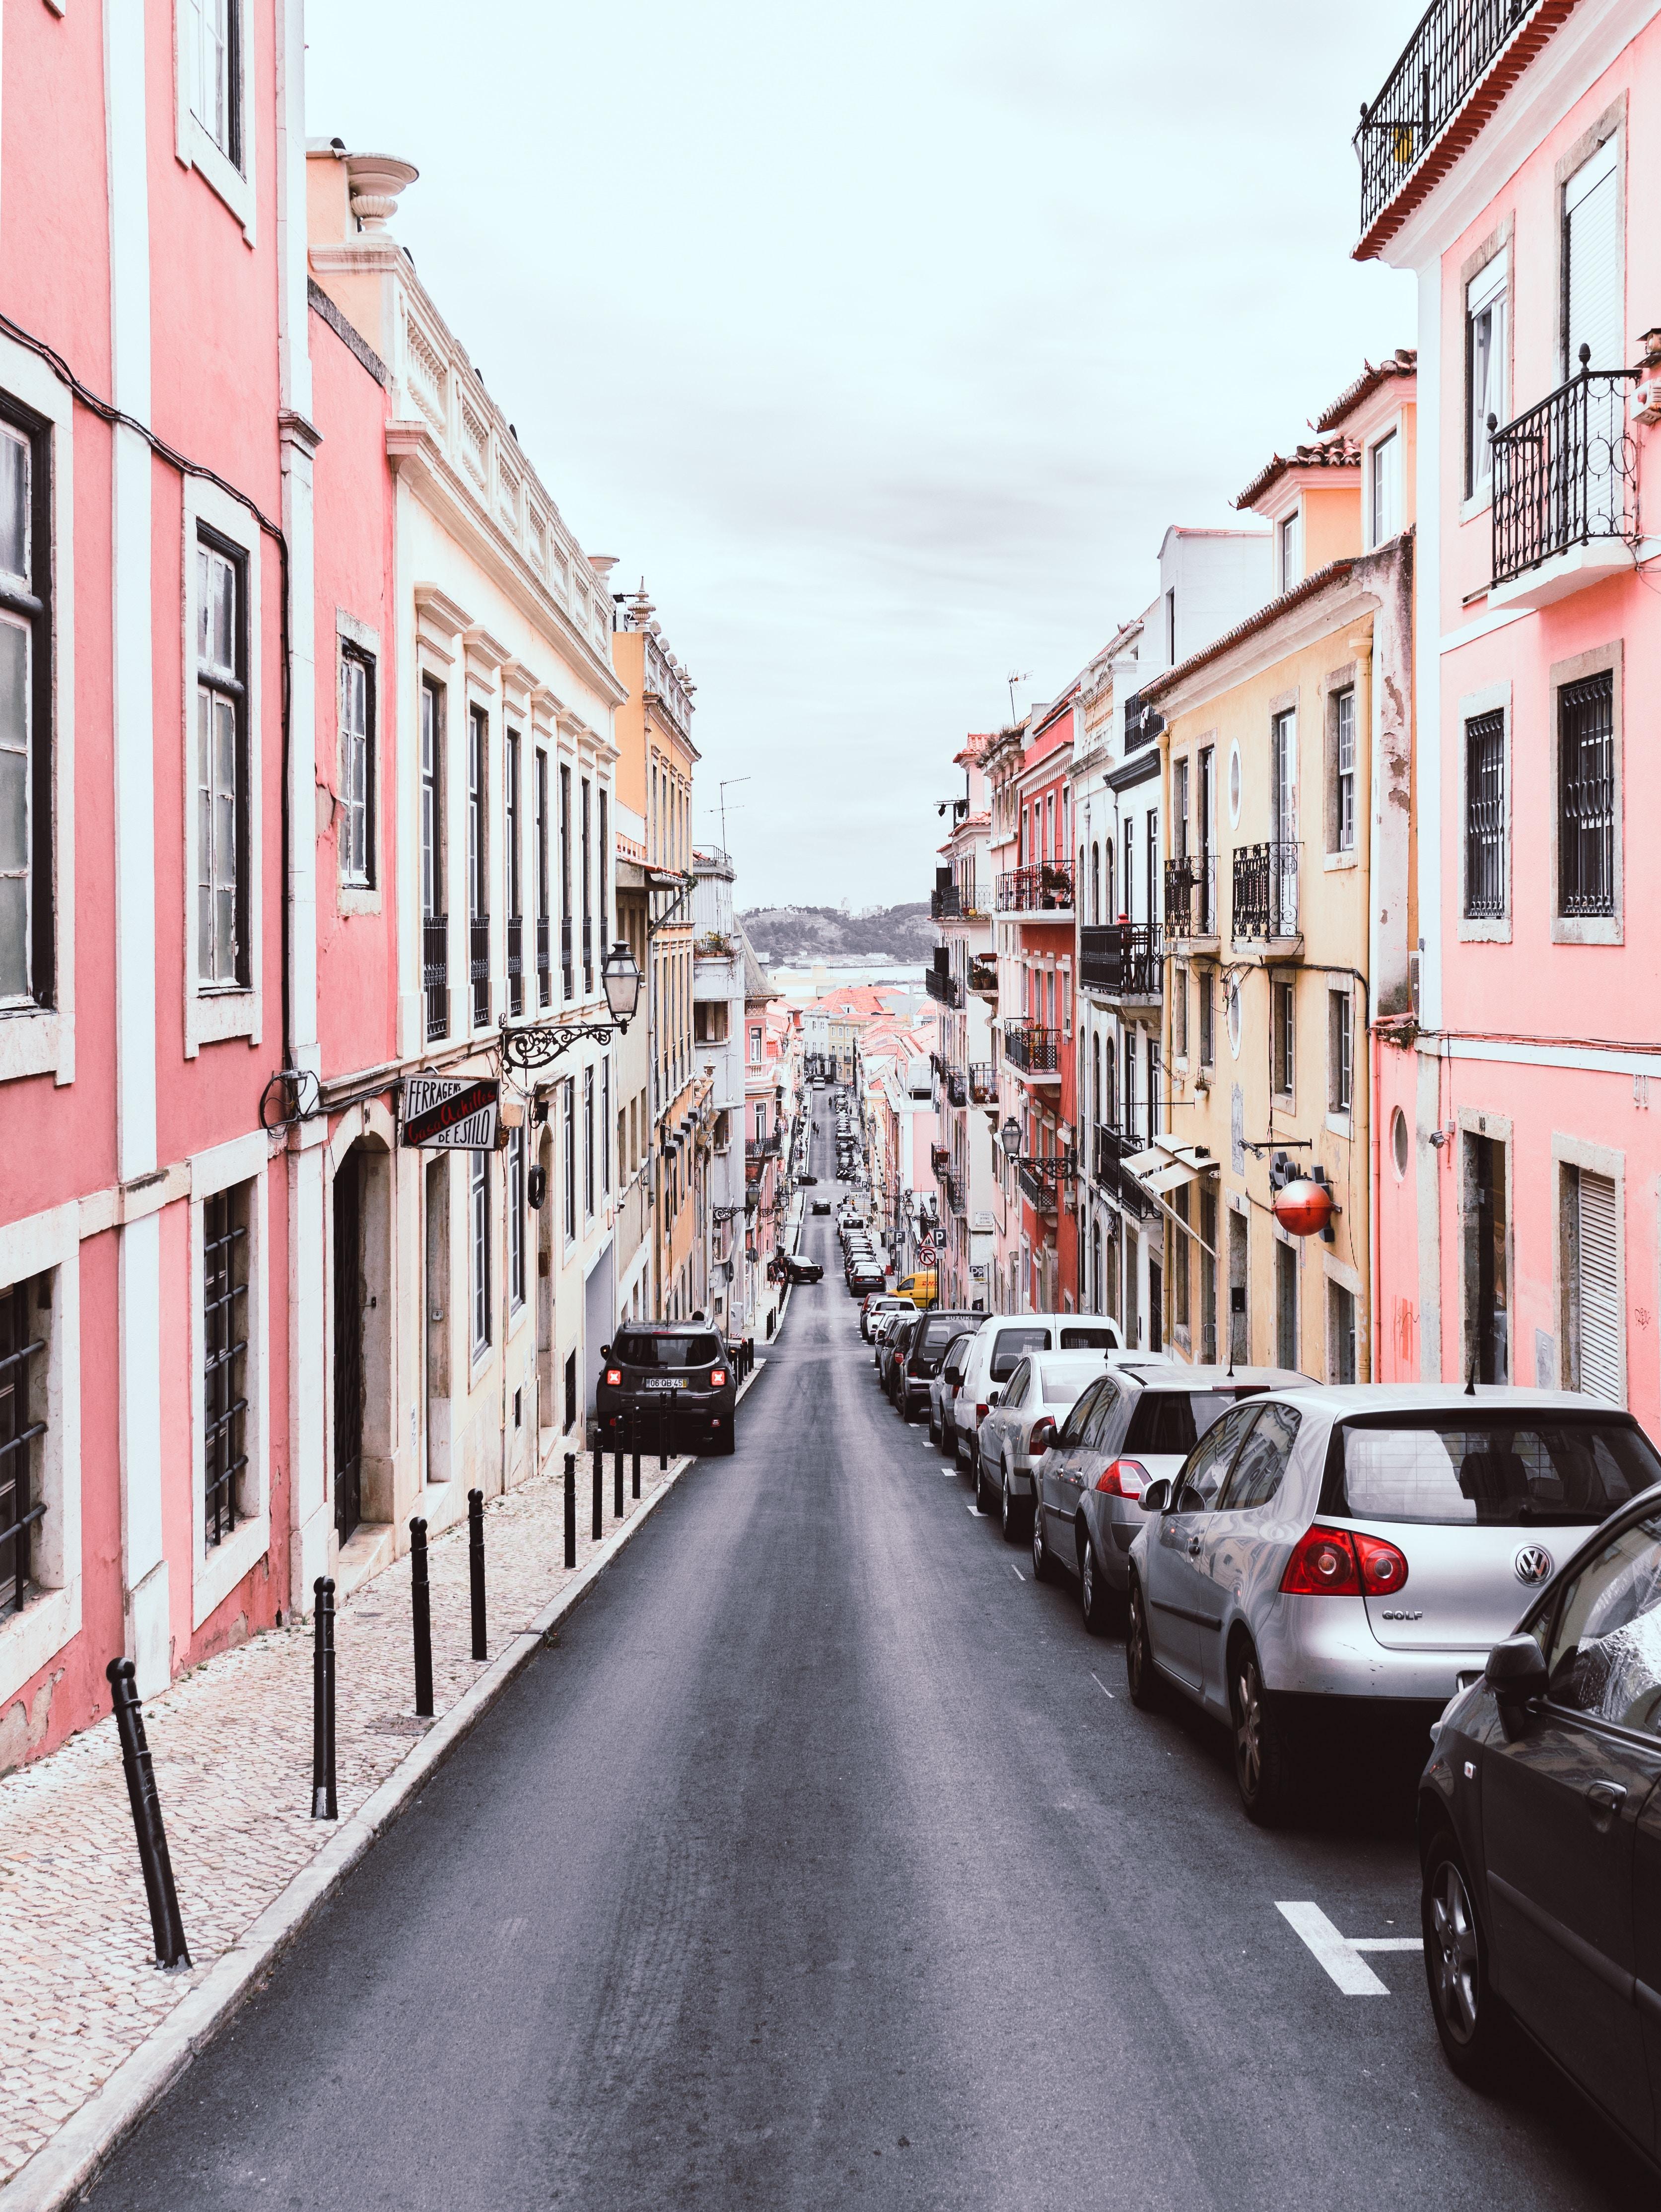 粉色墙体,笔直街道